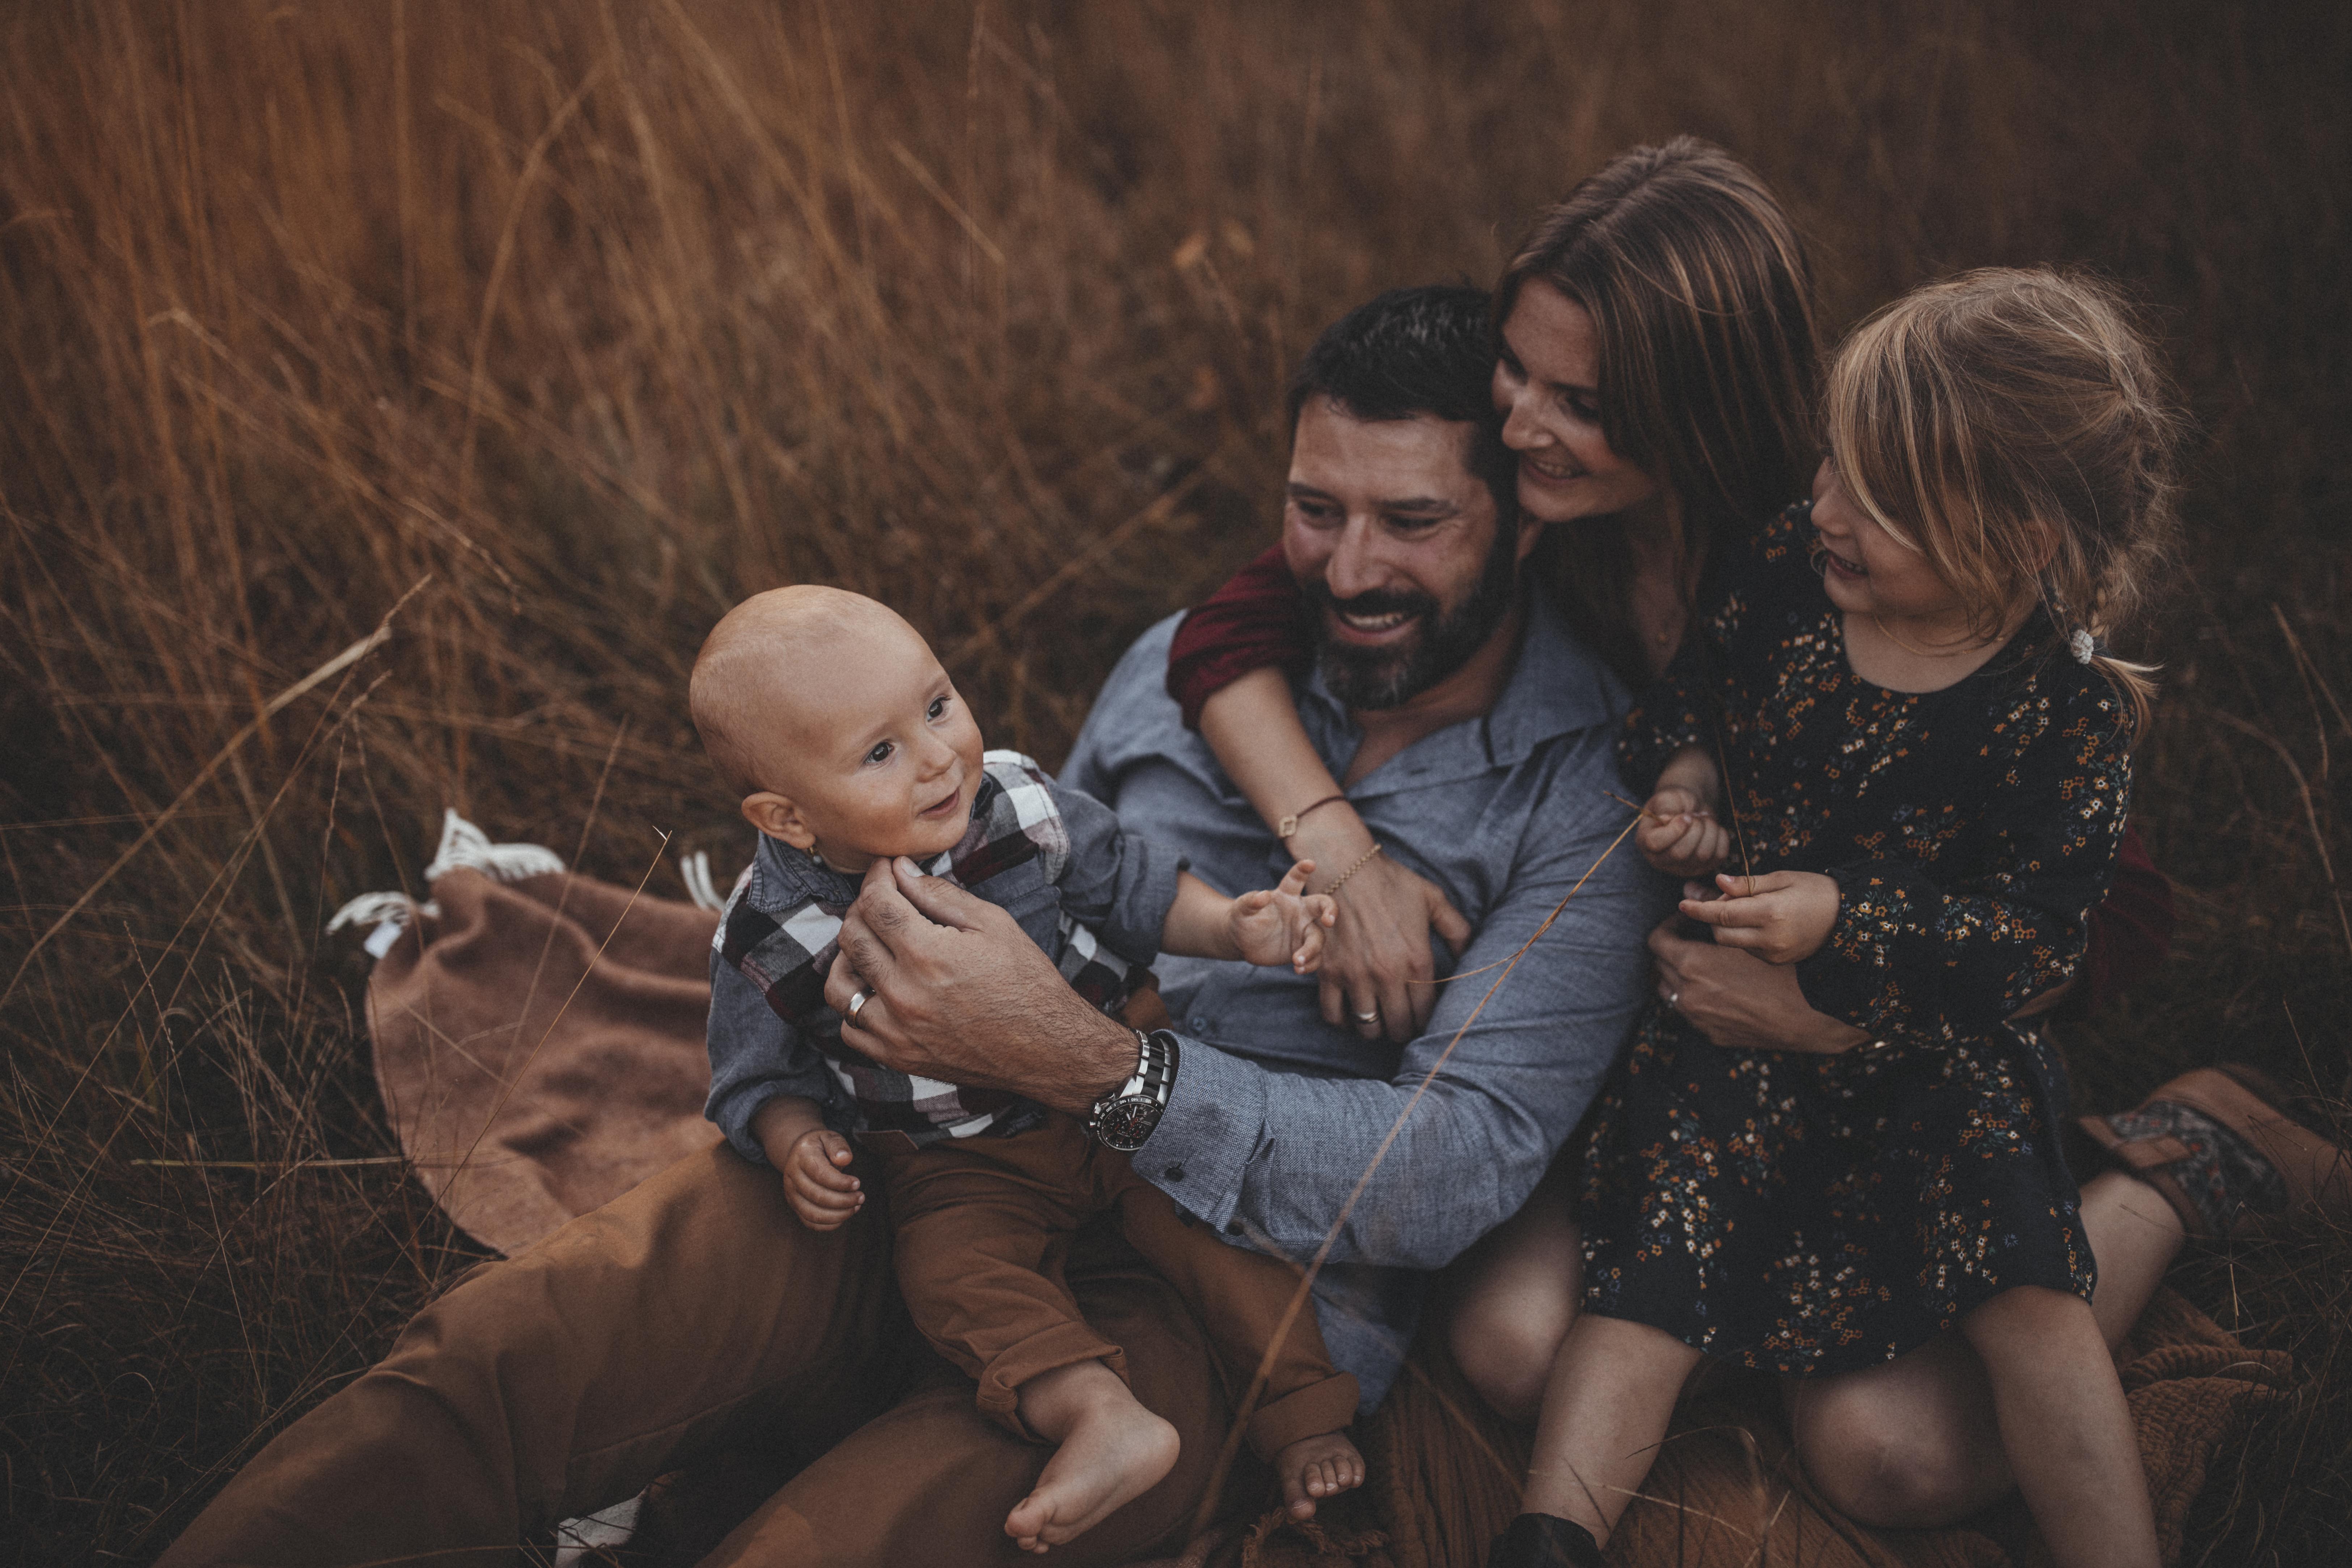 Yipiayeey_Photography_Family-17